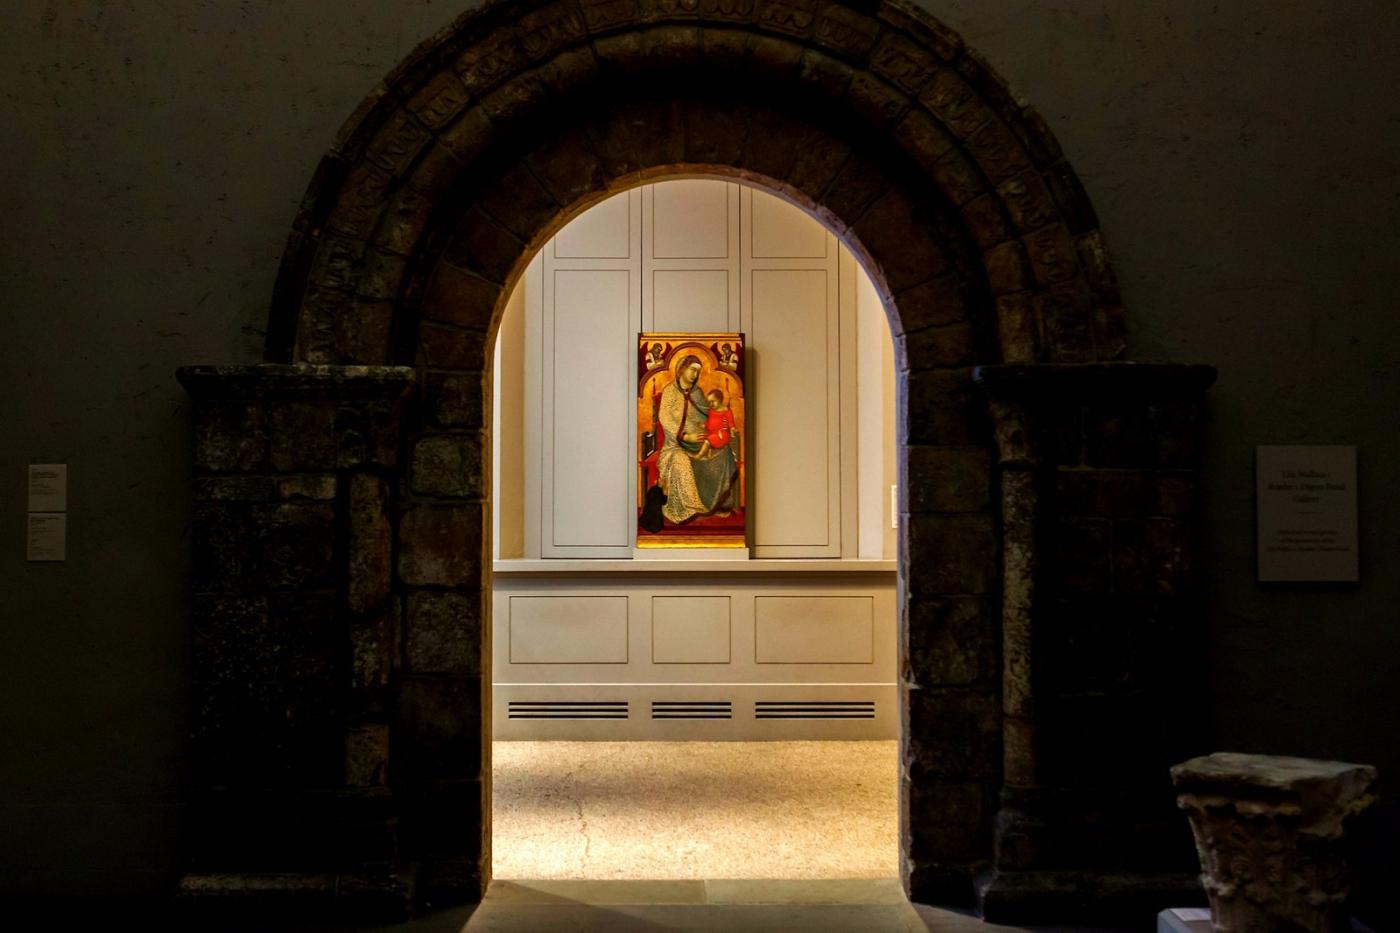 费城艺术馆,光影下的艺术品_图1-7